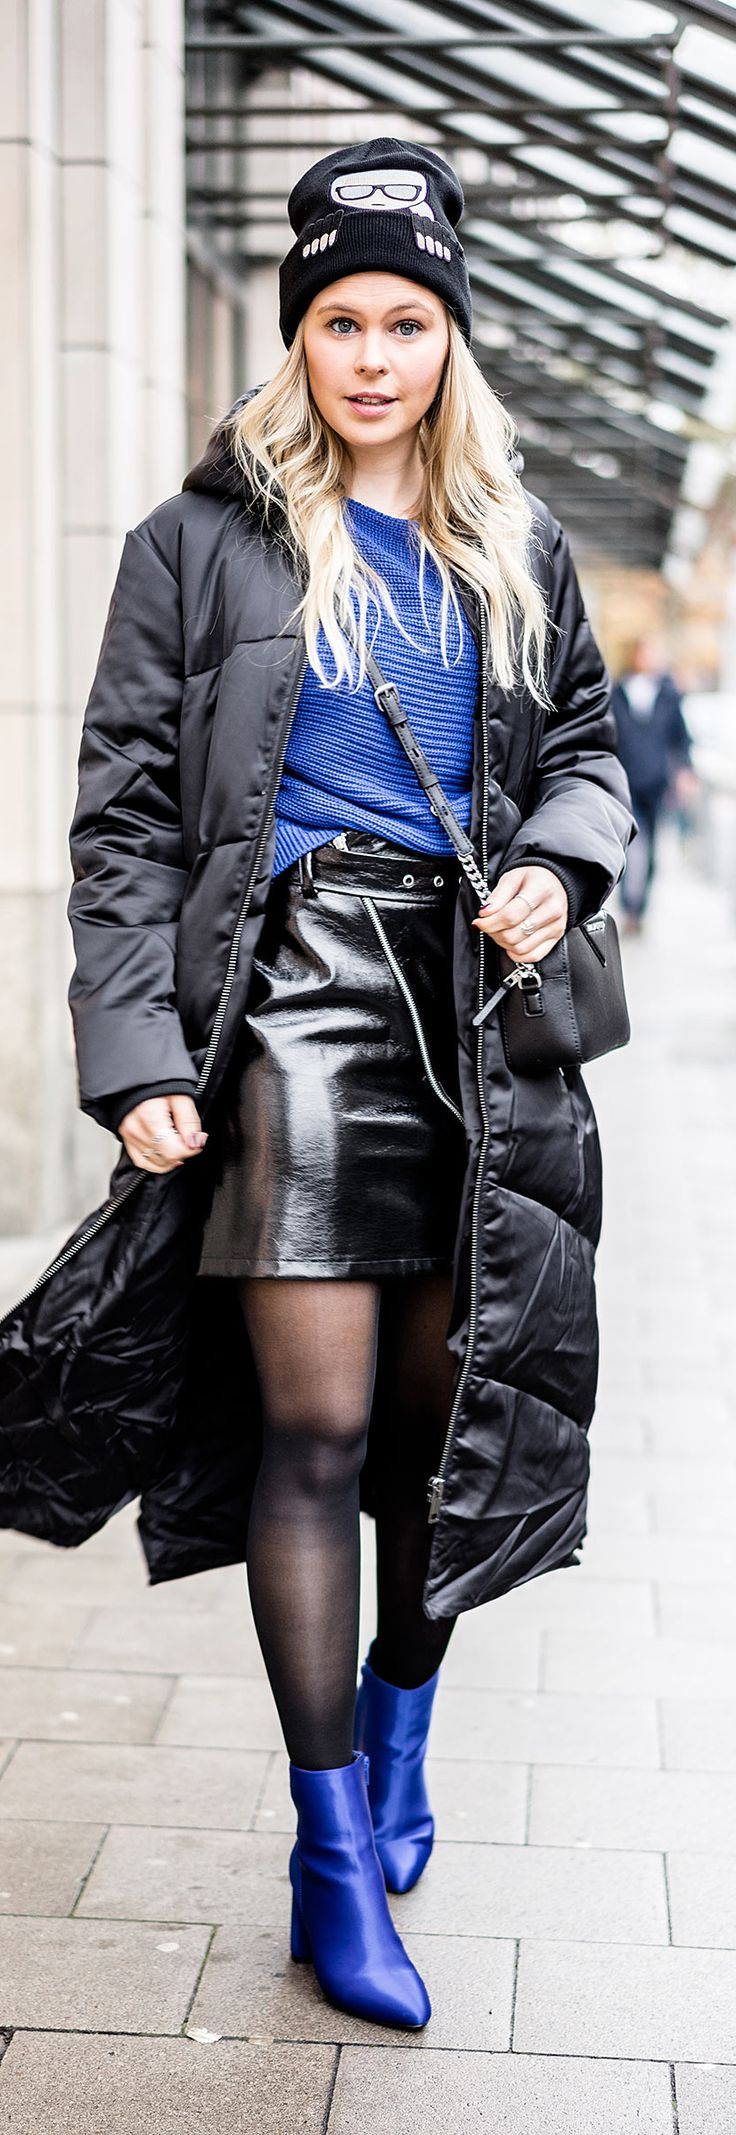 Daunenmantel - Blau & Schwarz kombinieren // karl lagerfeld, lederrock, pullover, mütze, outfit, ootd, winter, streestyle, look, fashion, frauen, women, girls, tasche, bag, blogger, blog, düsseldorf, berlin, hamburg, münchen, paris, new york, london, mailand, Blond, Blonde, Designer, Trend, It-Piece, Must-Have, Germany, Sunnyinga, 2017, 2018